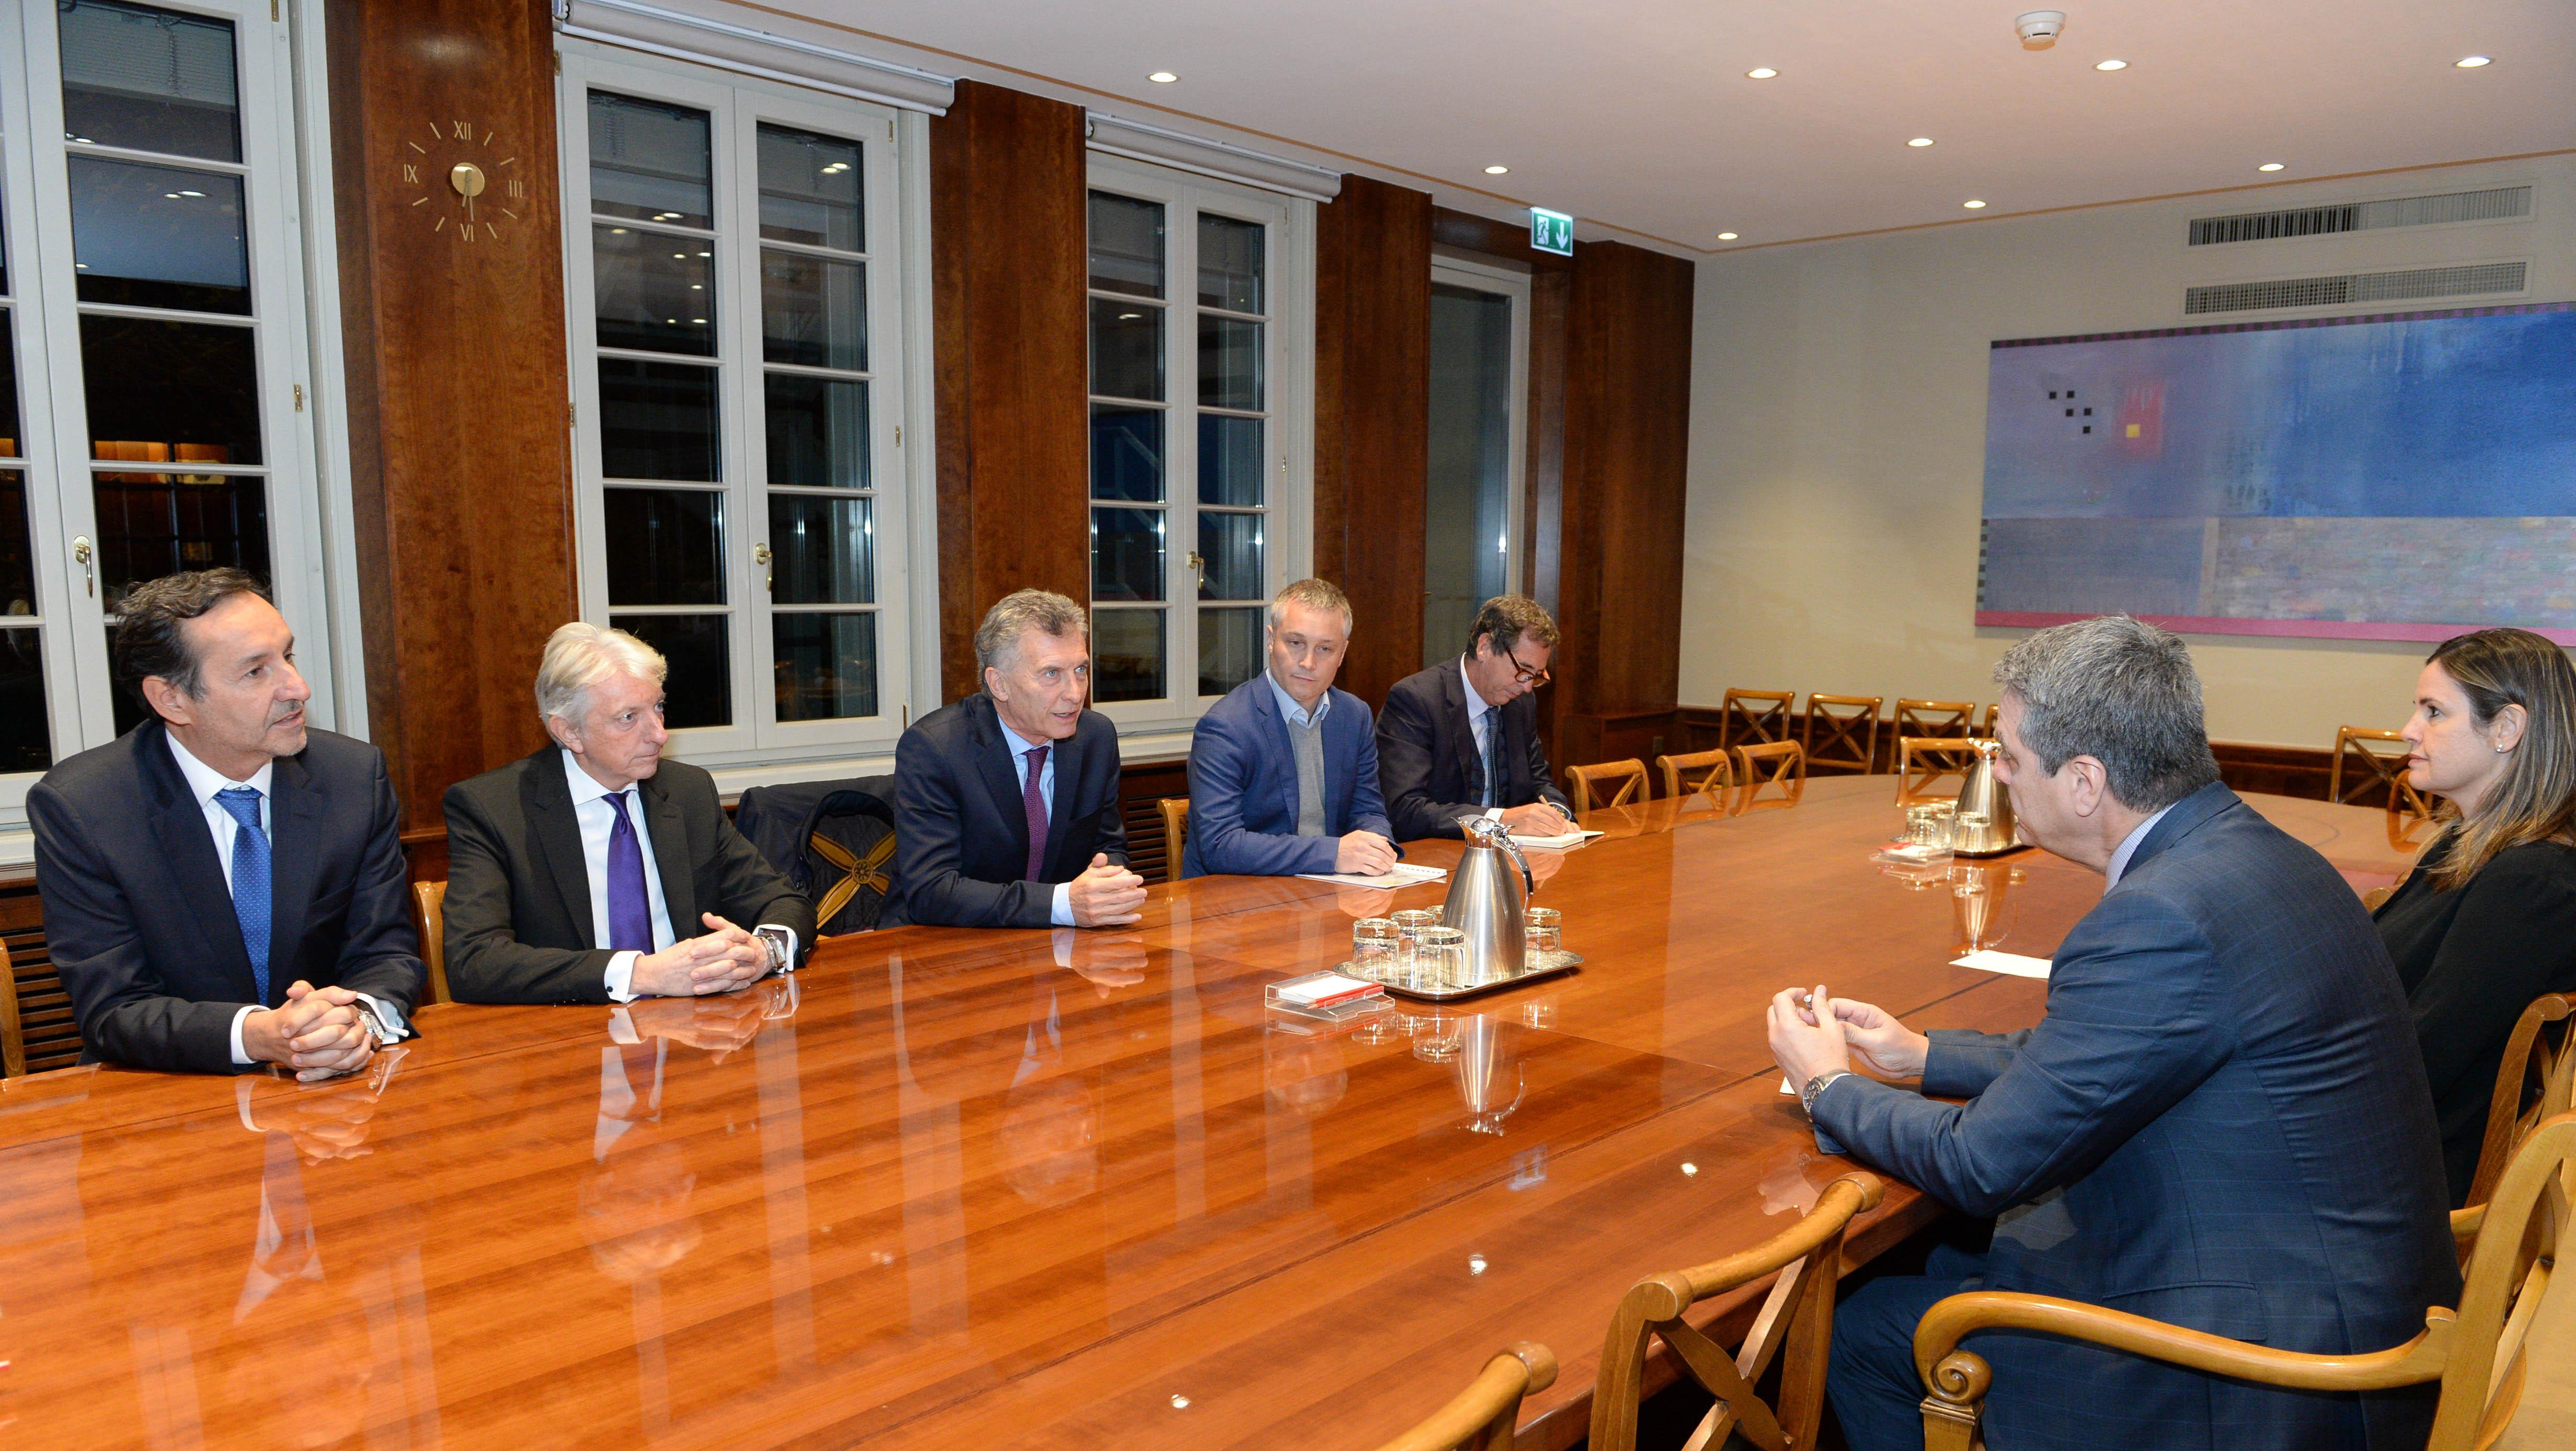 El Presidente Macri se reunió con el Director General de la OMC, Roberto Azevedo.